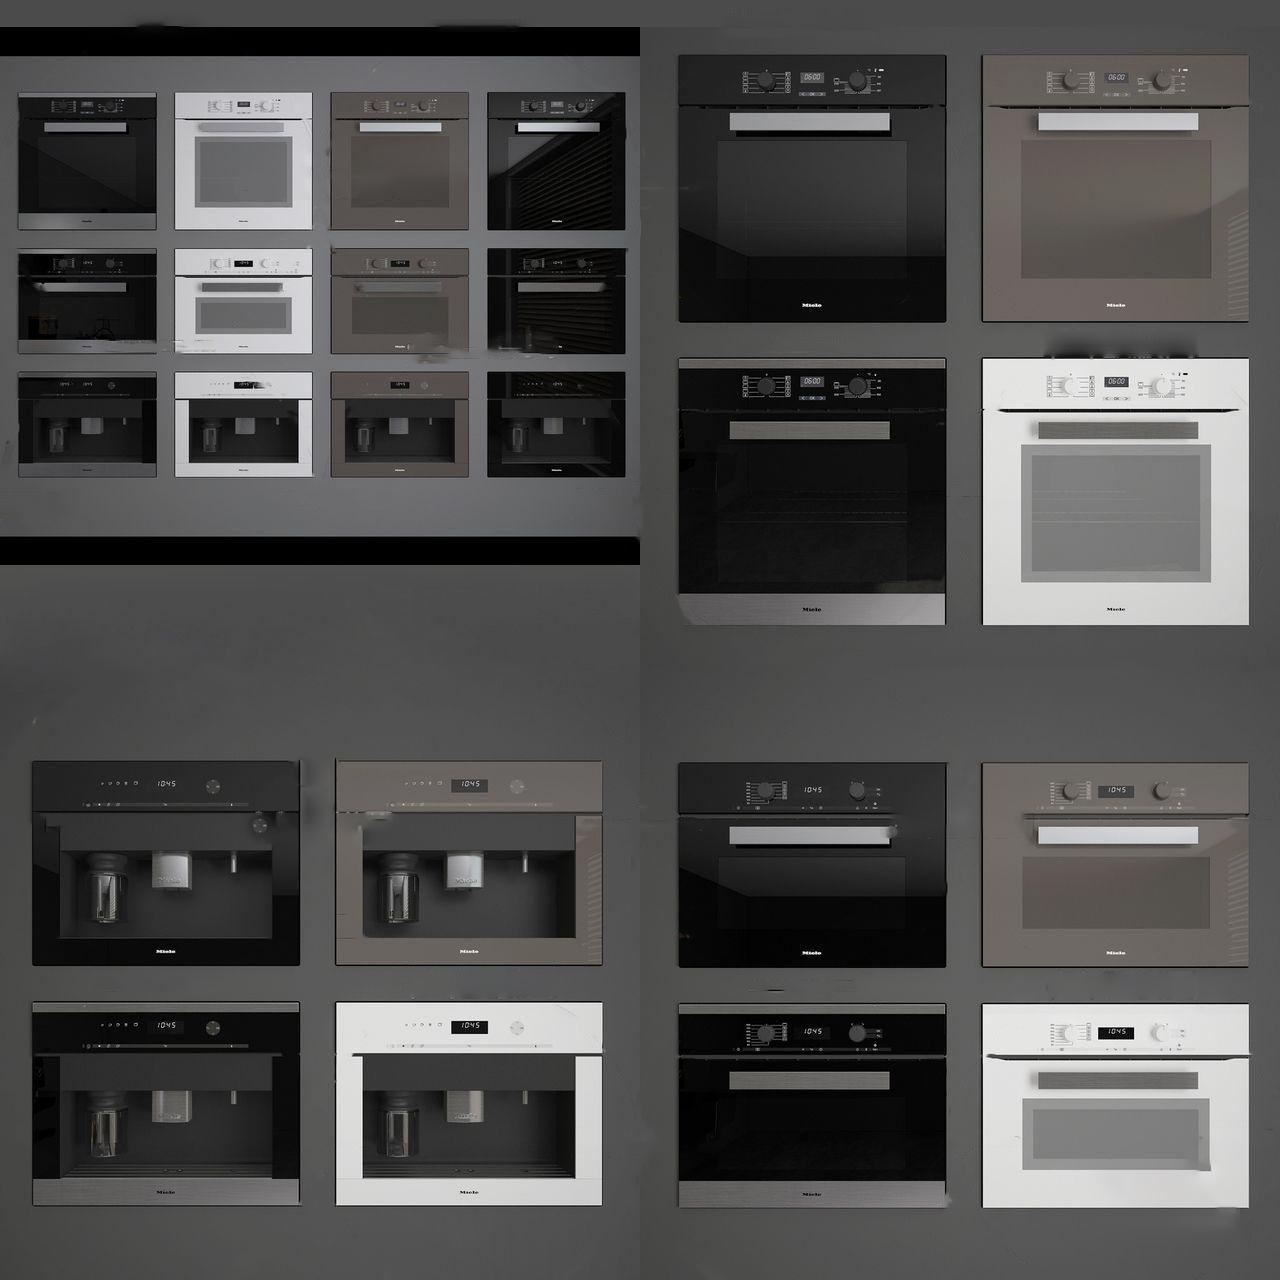 现代嵌入式烤箱微波炉3d模型